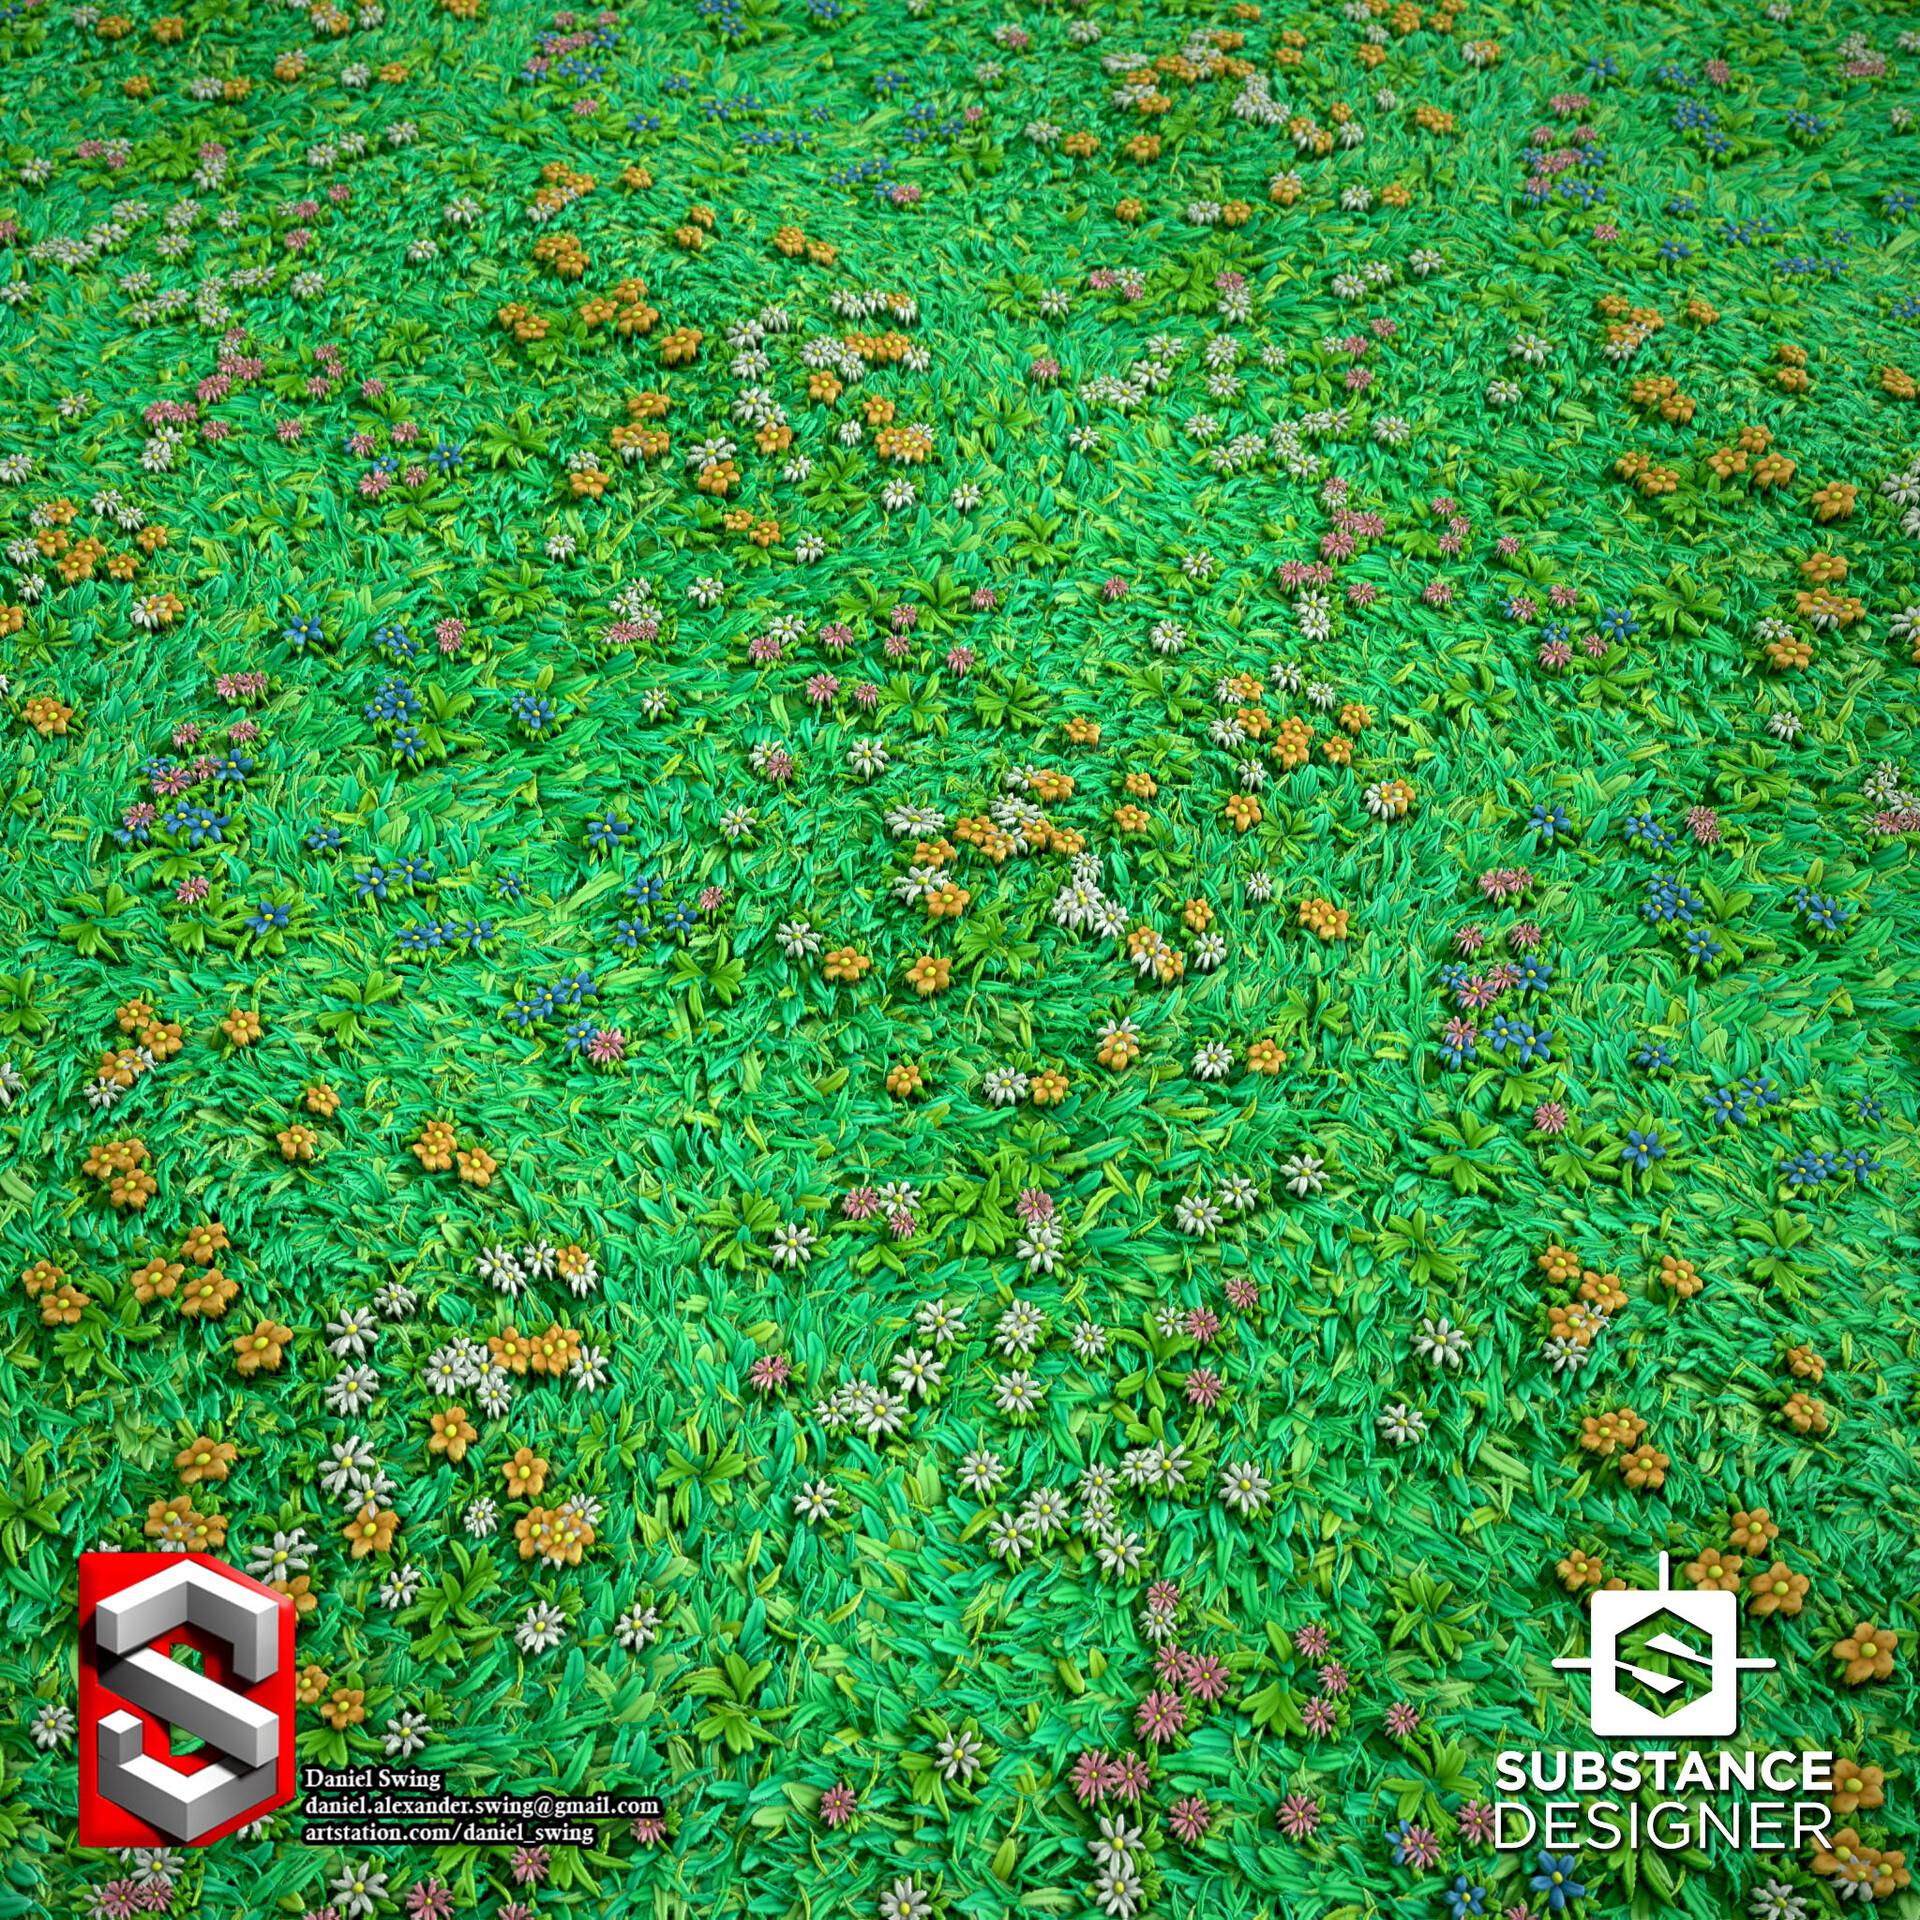 Daniel swing ghibligrasswip danielswing 4 2